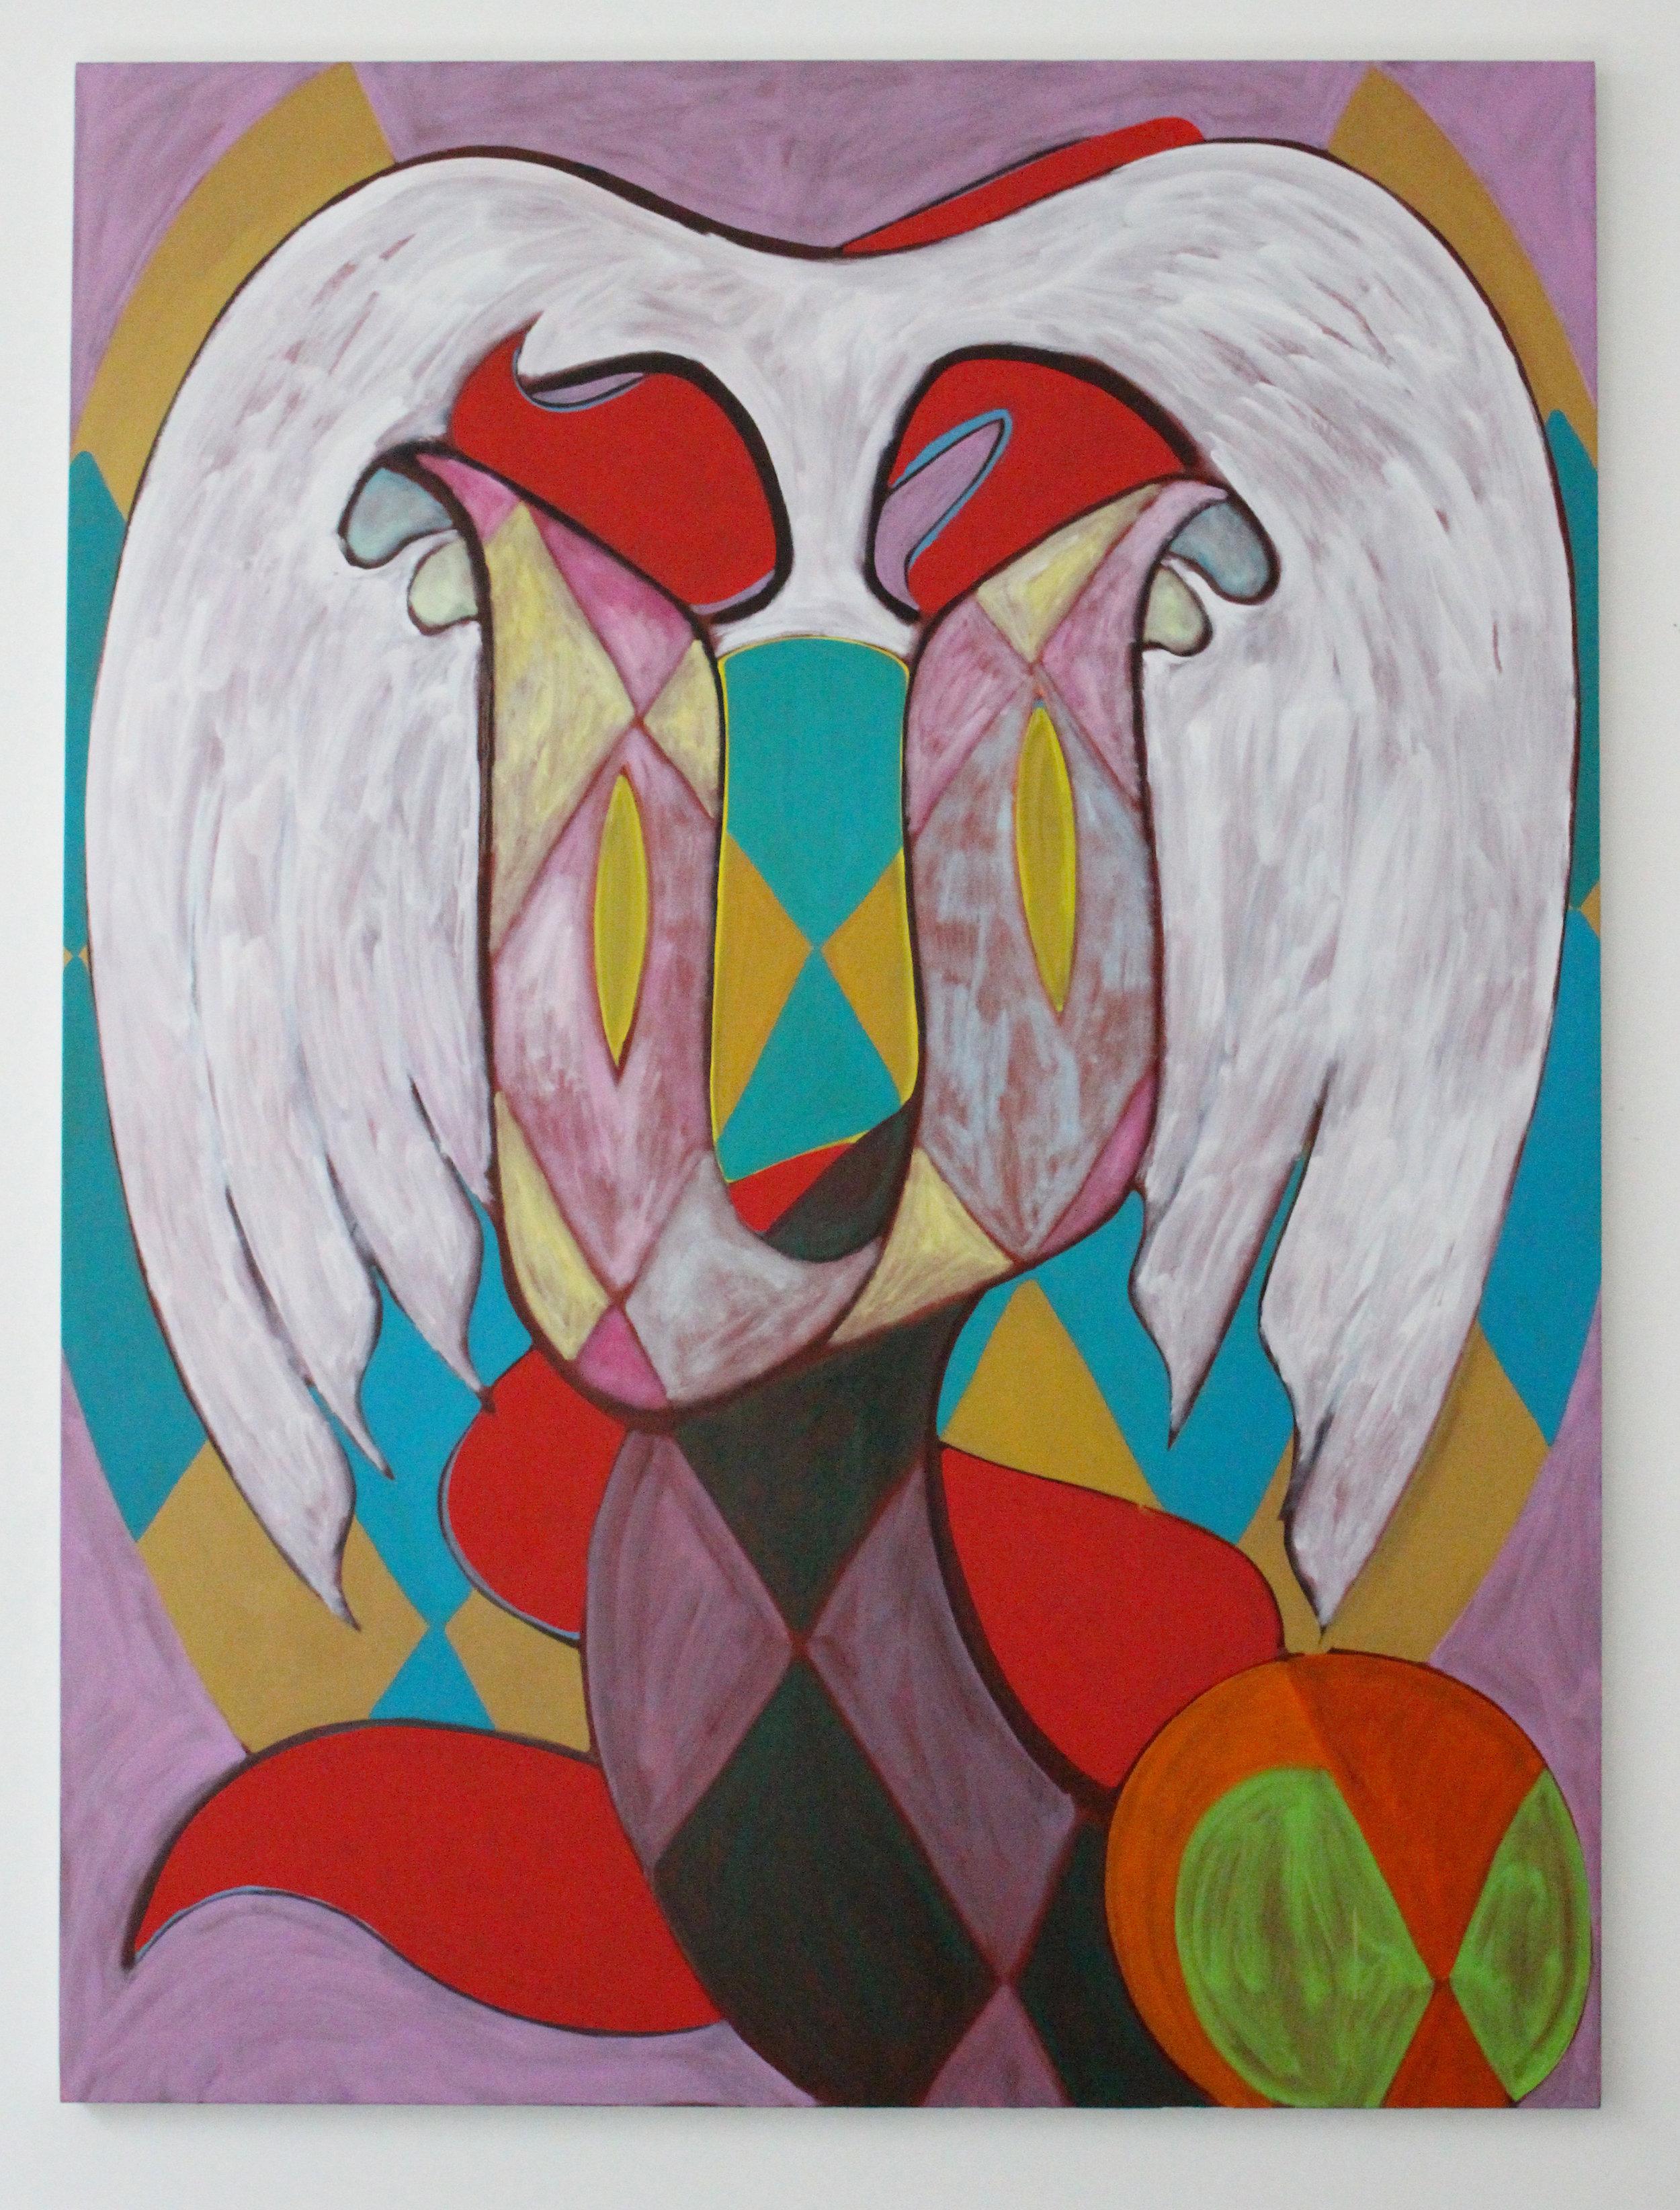 Felt(unspoken) by Anna Liber Lewis